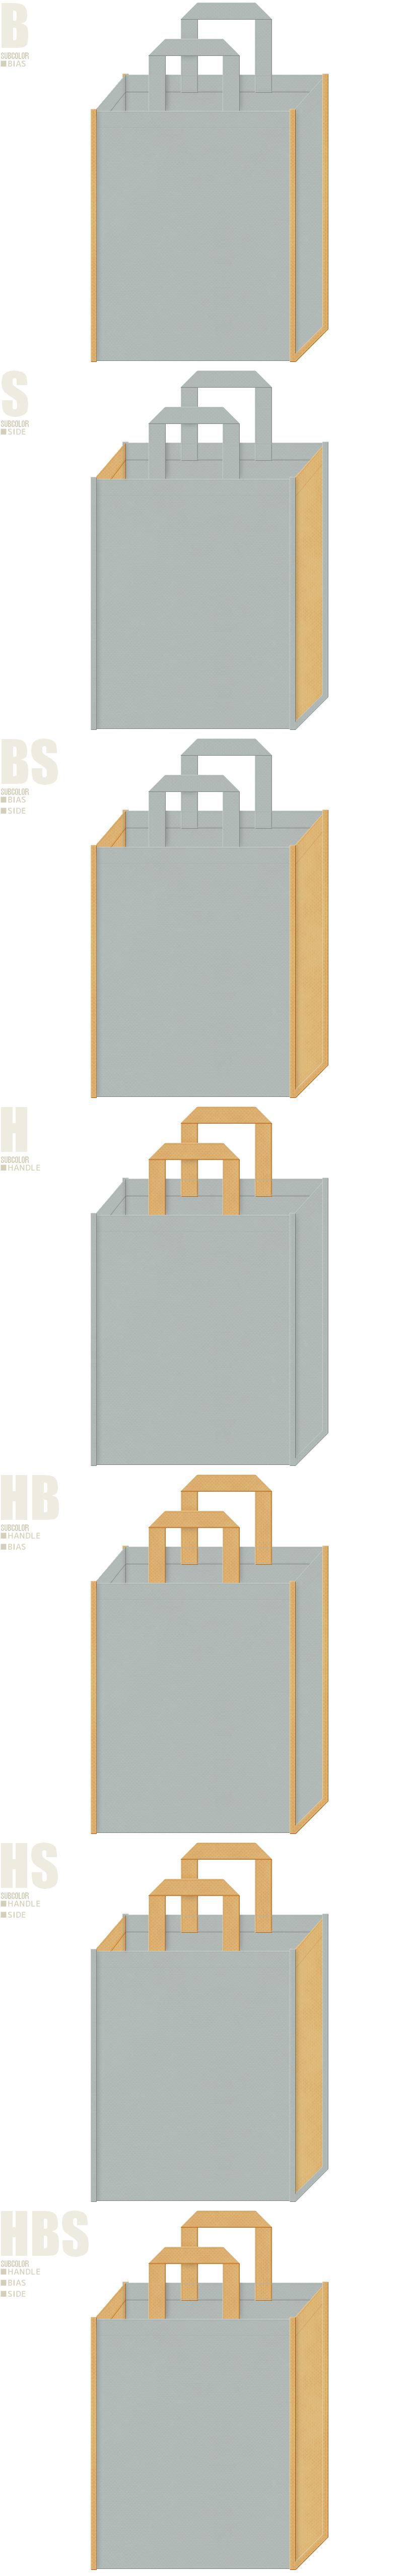 ハシビロコウ・ニット・セーター・アウター・レギンス・秋冬ファッションの展示会用バッグにお奨めの不織布バッグデザイン:グレー色と薄黄土色の配色7パターン